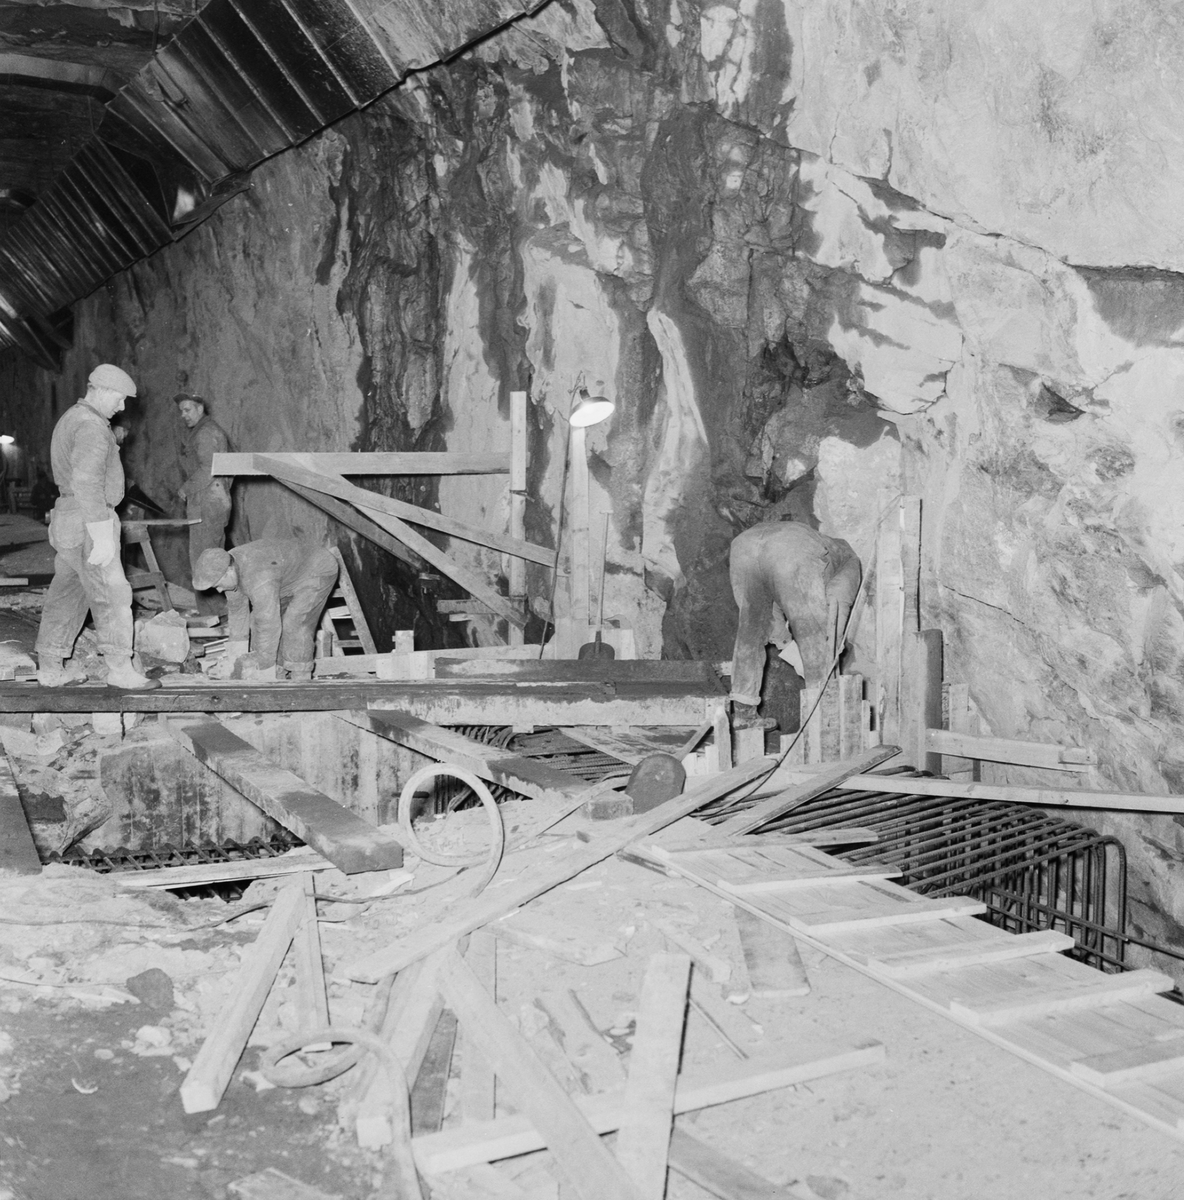 Övrigt: Fotodatum:23/1 1960 Byggnader och Kranar. Jvg-tunnel pågående arbete